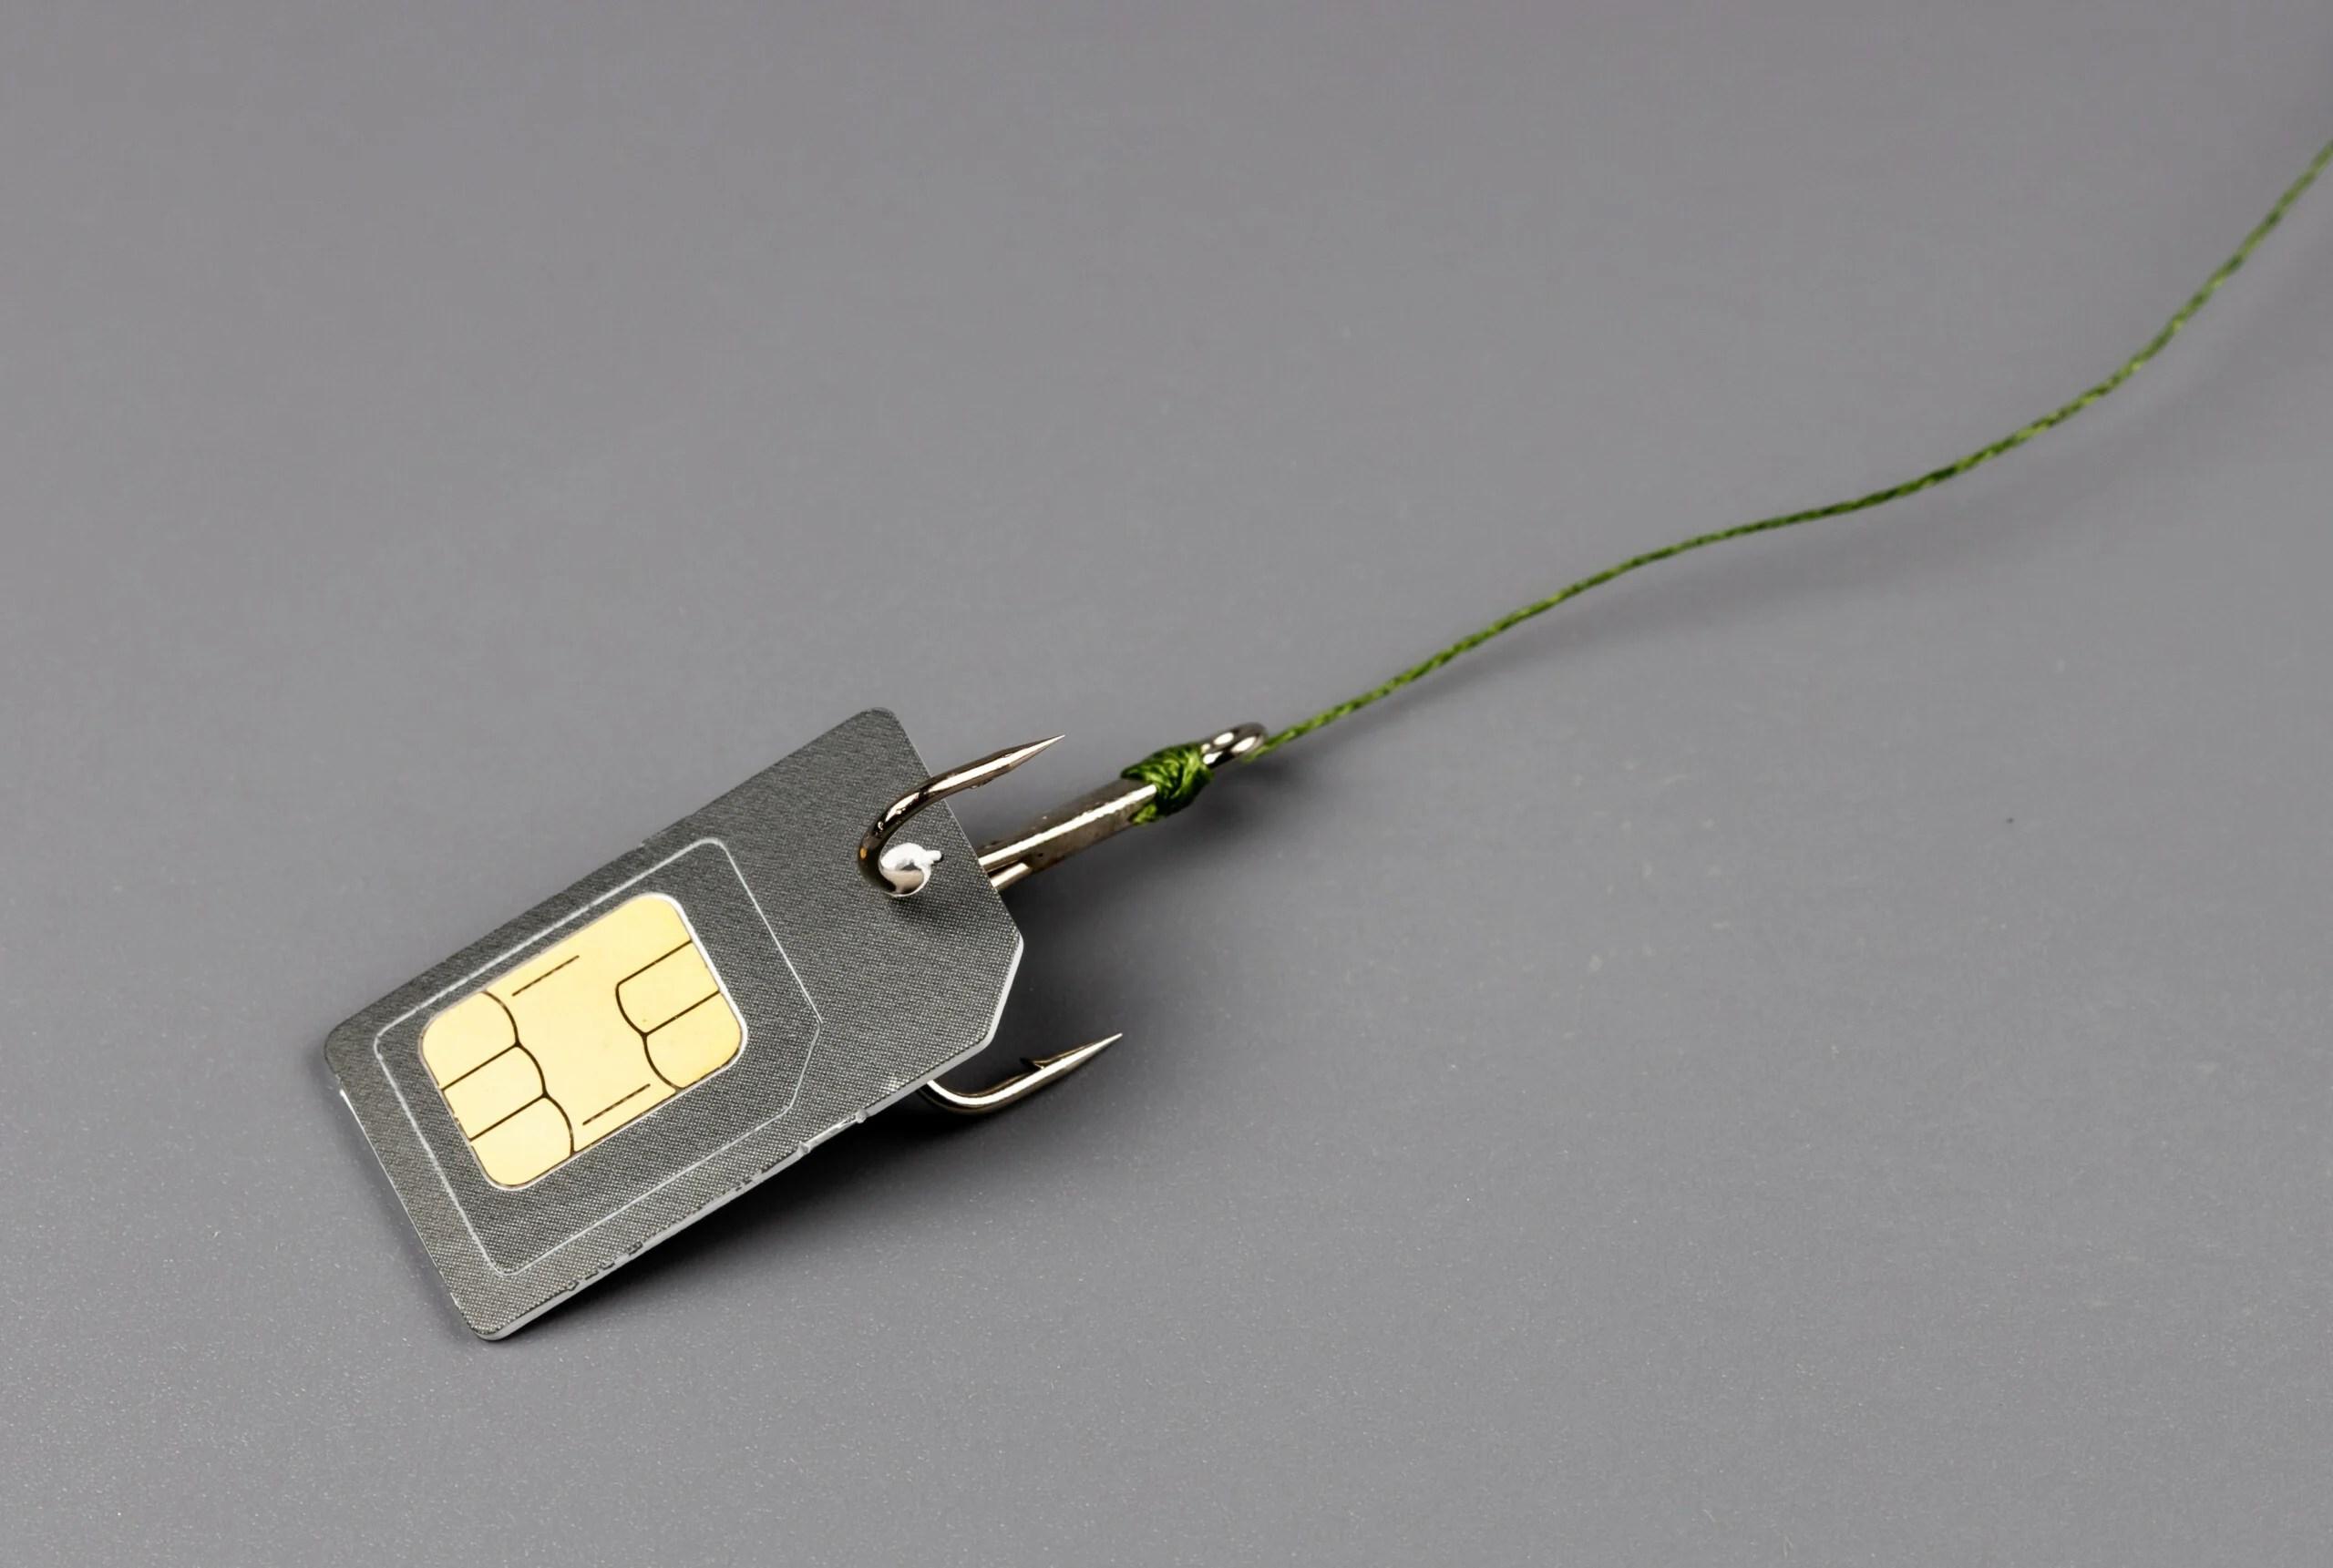 Fuite Facebook : le « SIM swapping » ou le risque de se faire voler son numéro de téléphone mobile